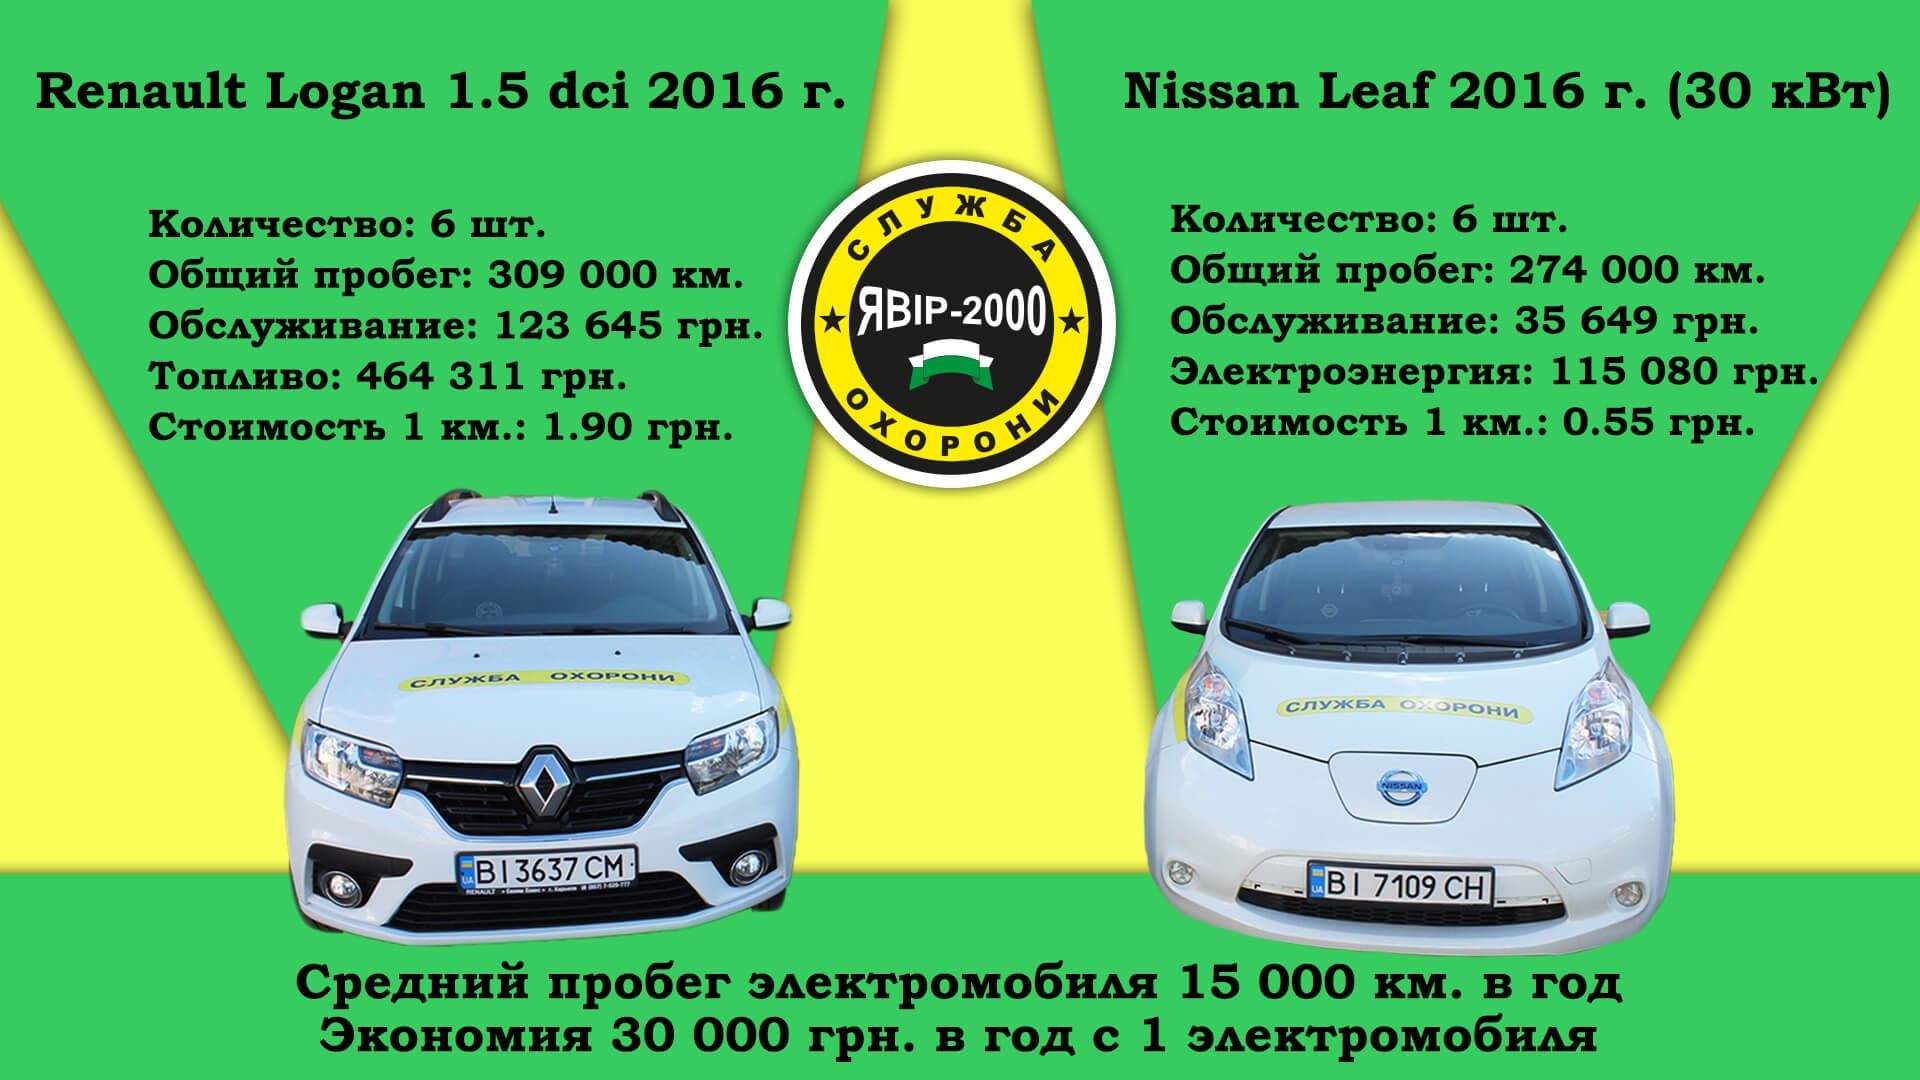 Сравнение затрат на эксплуатацию Renault Logan1.5 dci 2016 года иNissan Leaf 30кВт⋅ч 2016 года